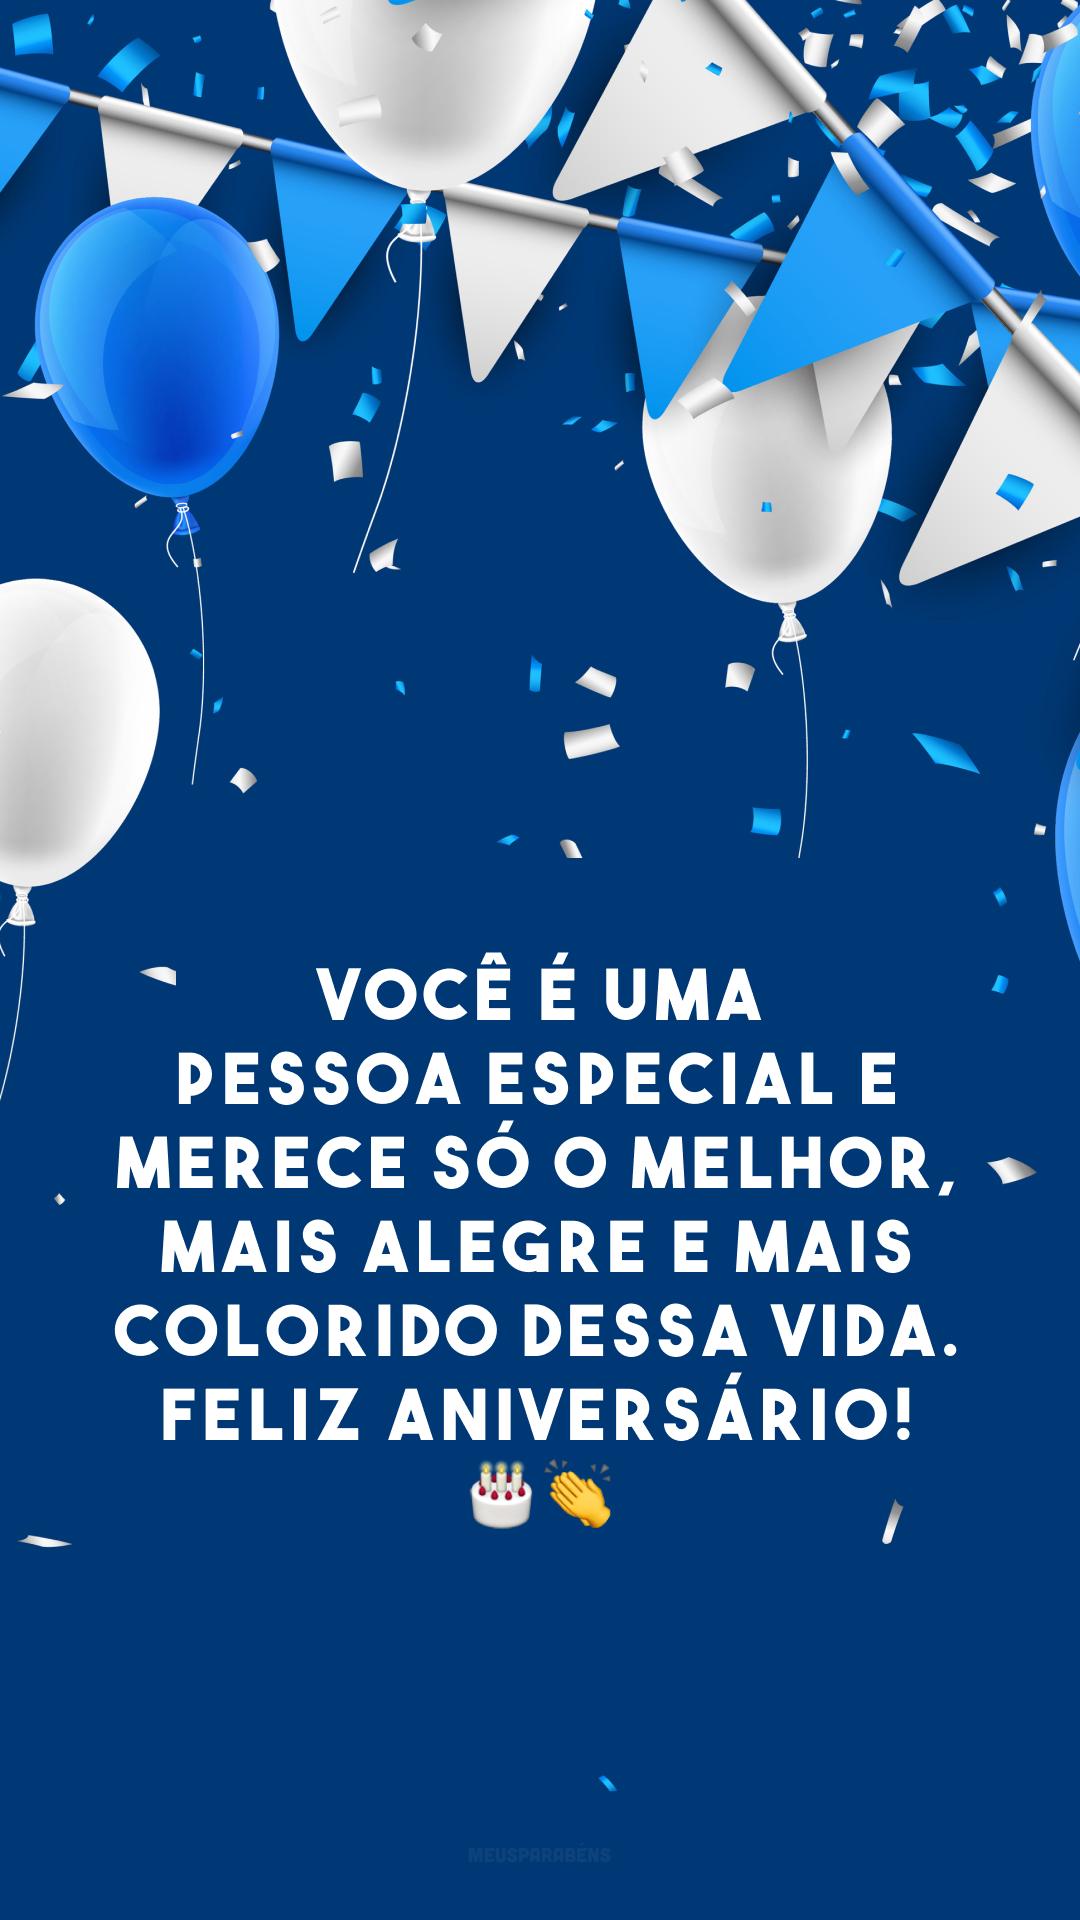 Você é uma pessoa especial e merece só o melhor, mais alegre e mais colorido dessa vida. Feliz aniversário! 🎂👏